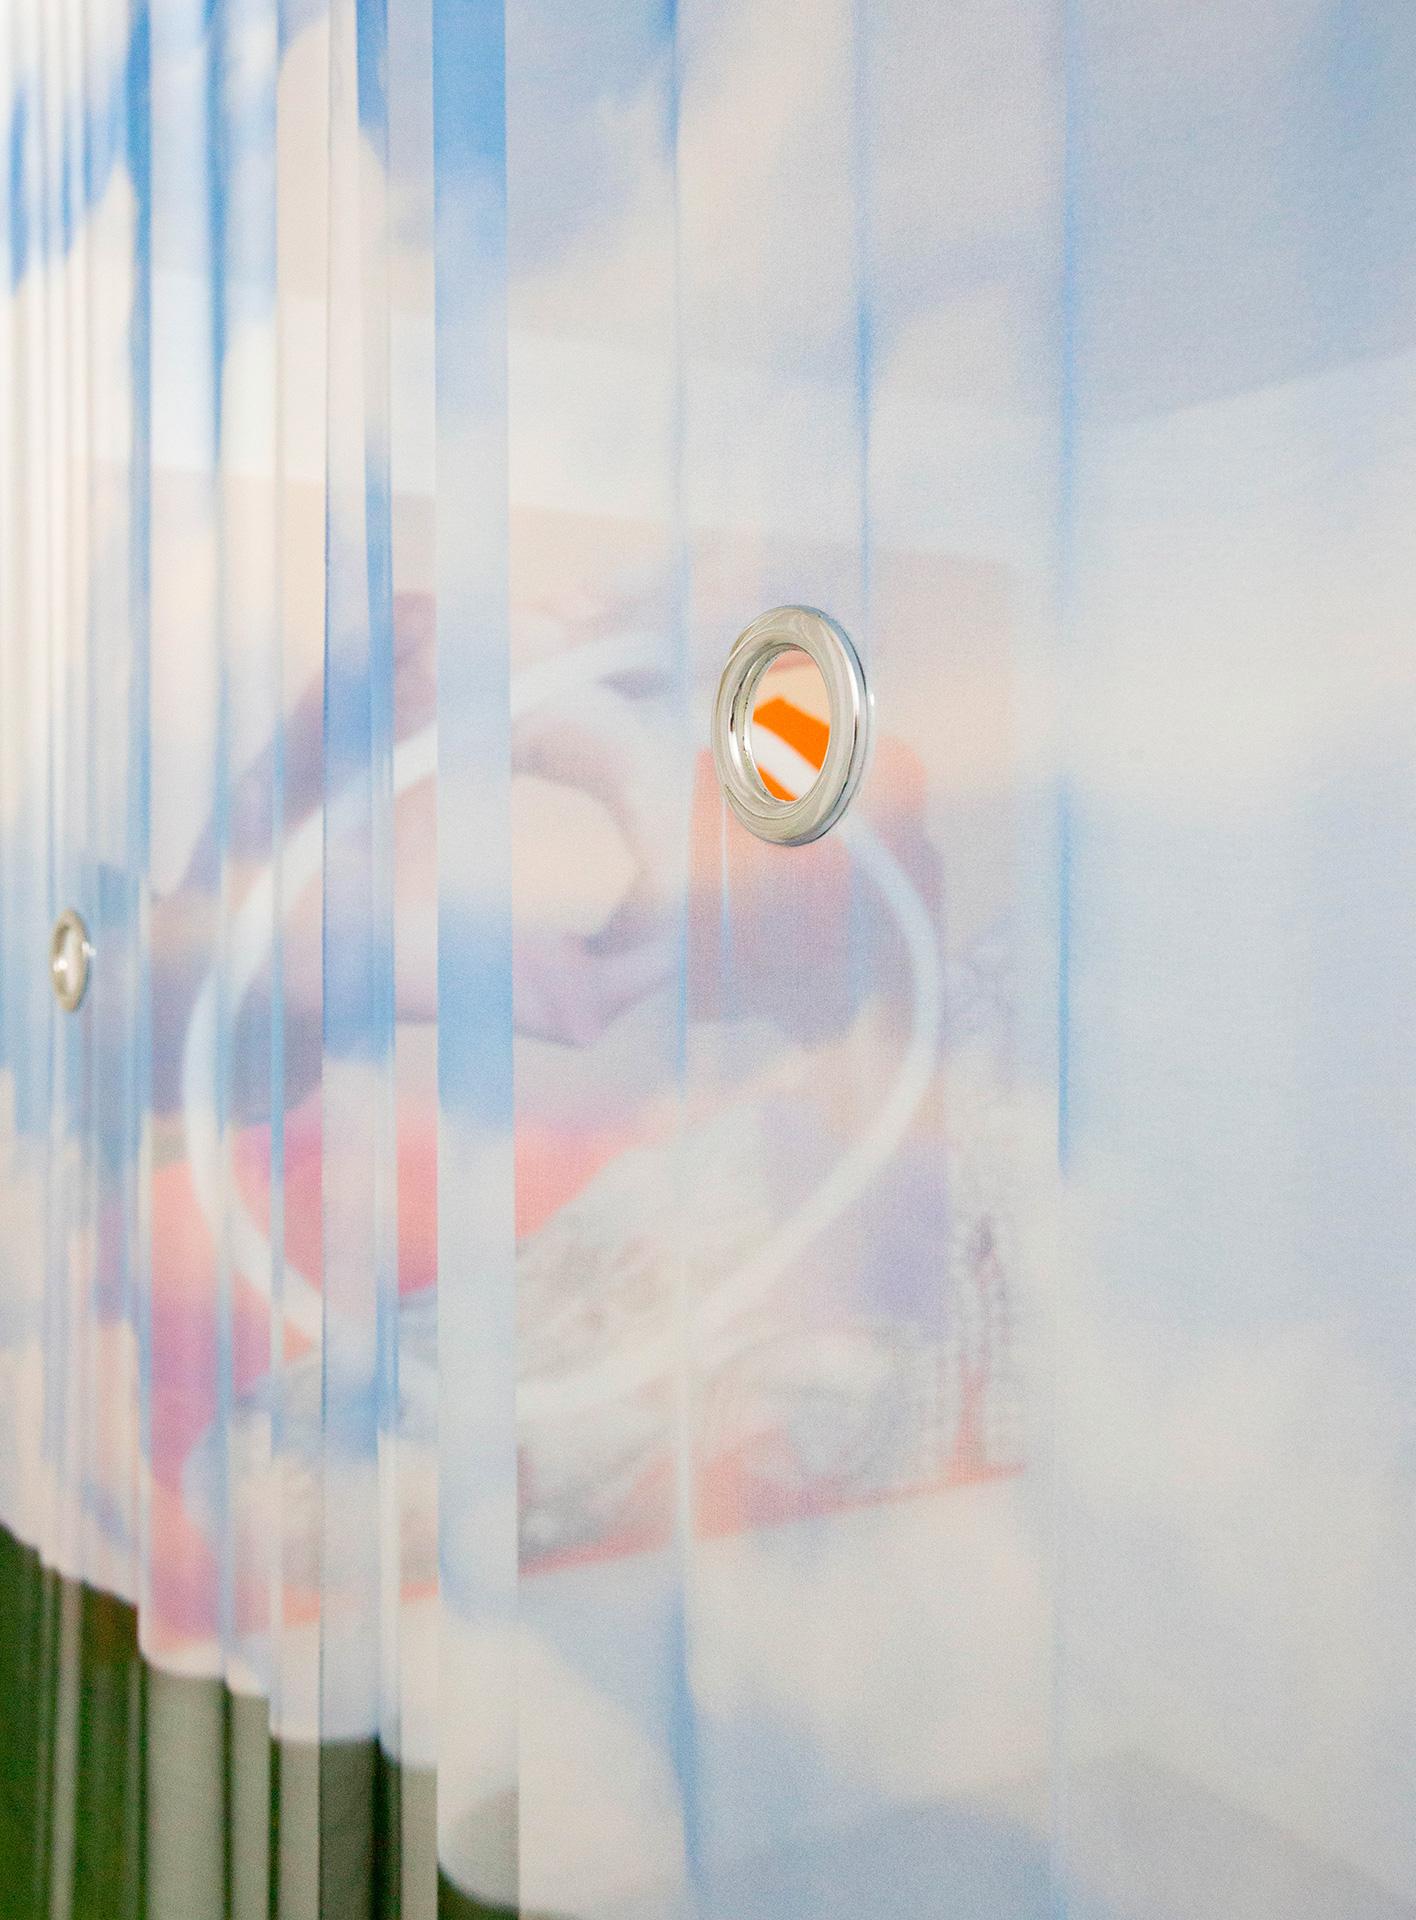 14 Andrea Martinucci - Glory Black Hole, exhibition view, Dimora Artica (ph Andrea Cenetiempo).jpg